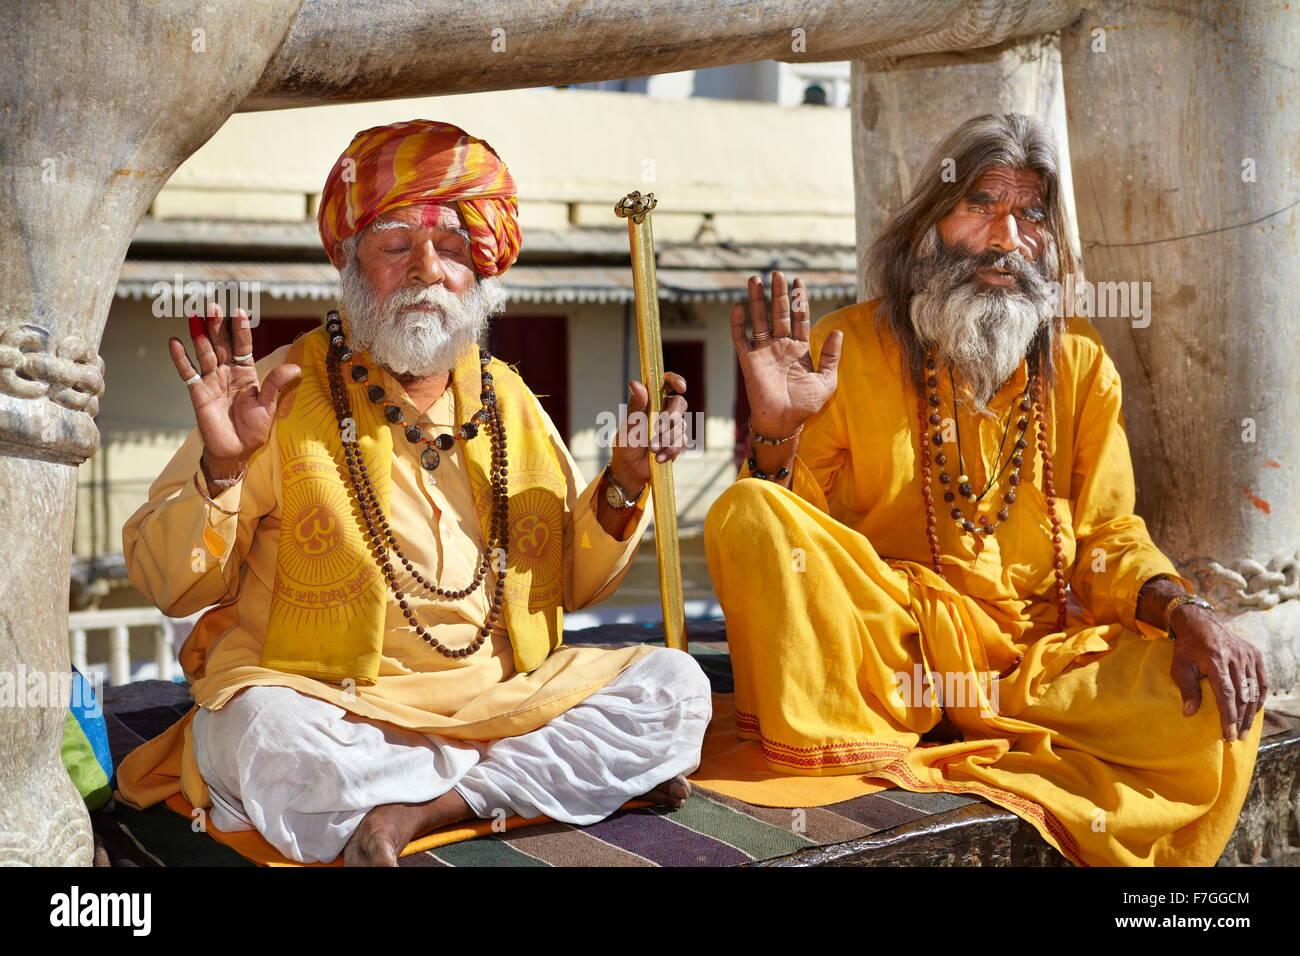 Portrait de Sadhu, saint homme hindou de l'Inde, Udaipur, Inde Photo Stock